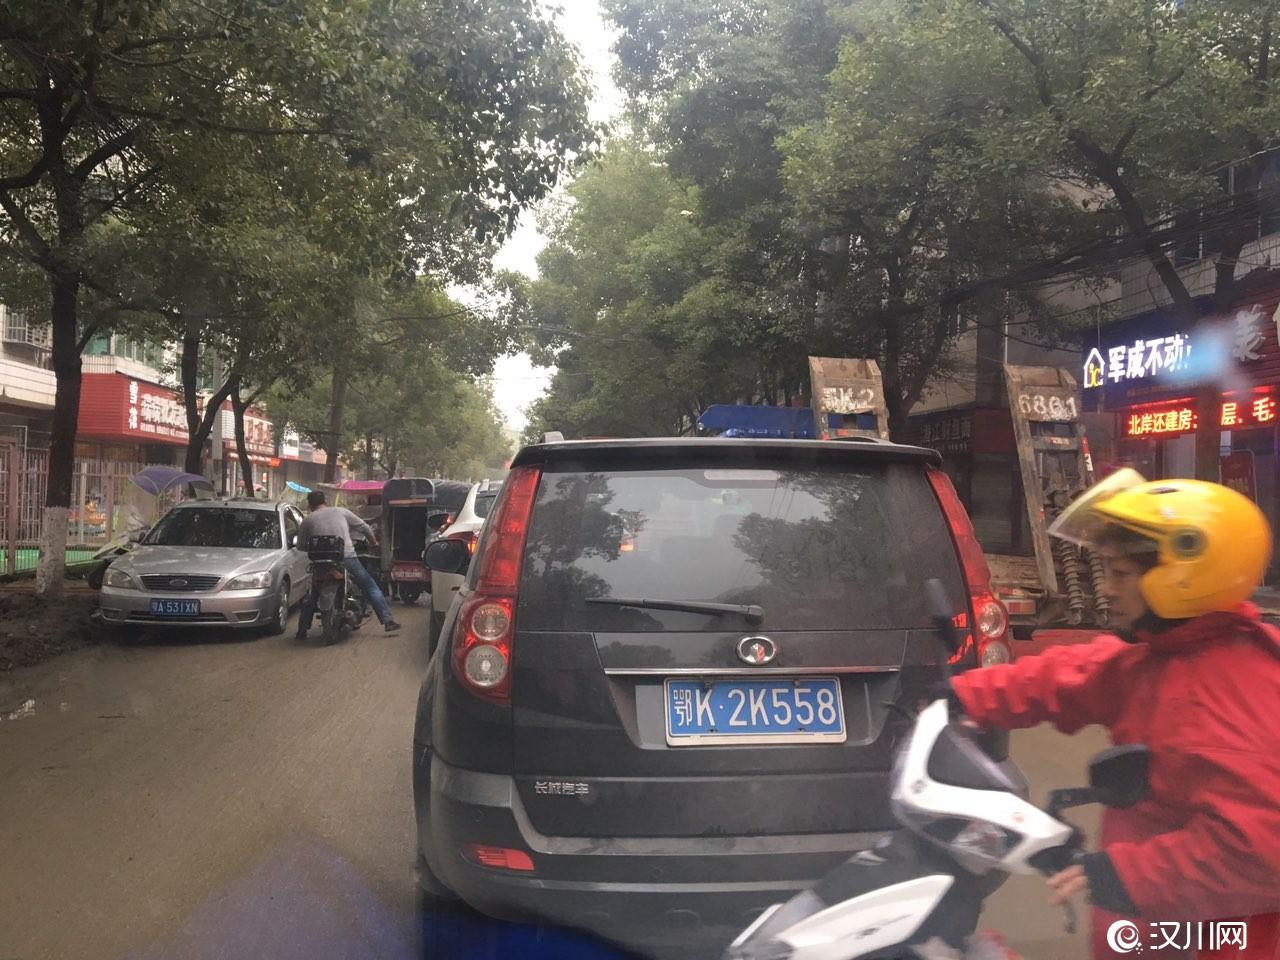 汉川体育馆路每天堵车,如果哪天不堵车了我估计太阳打